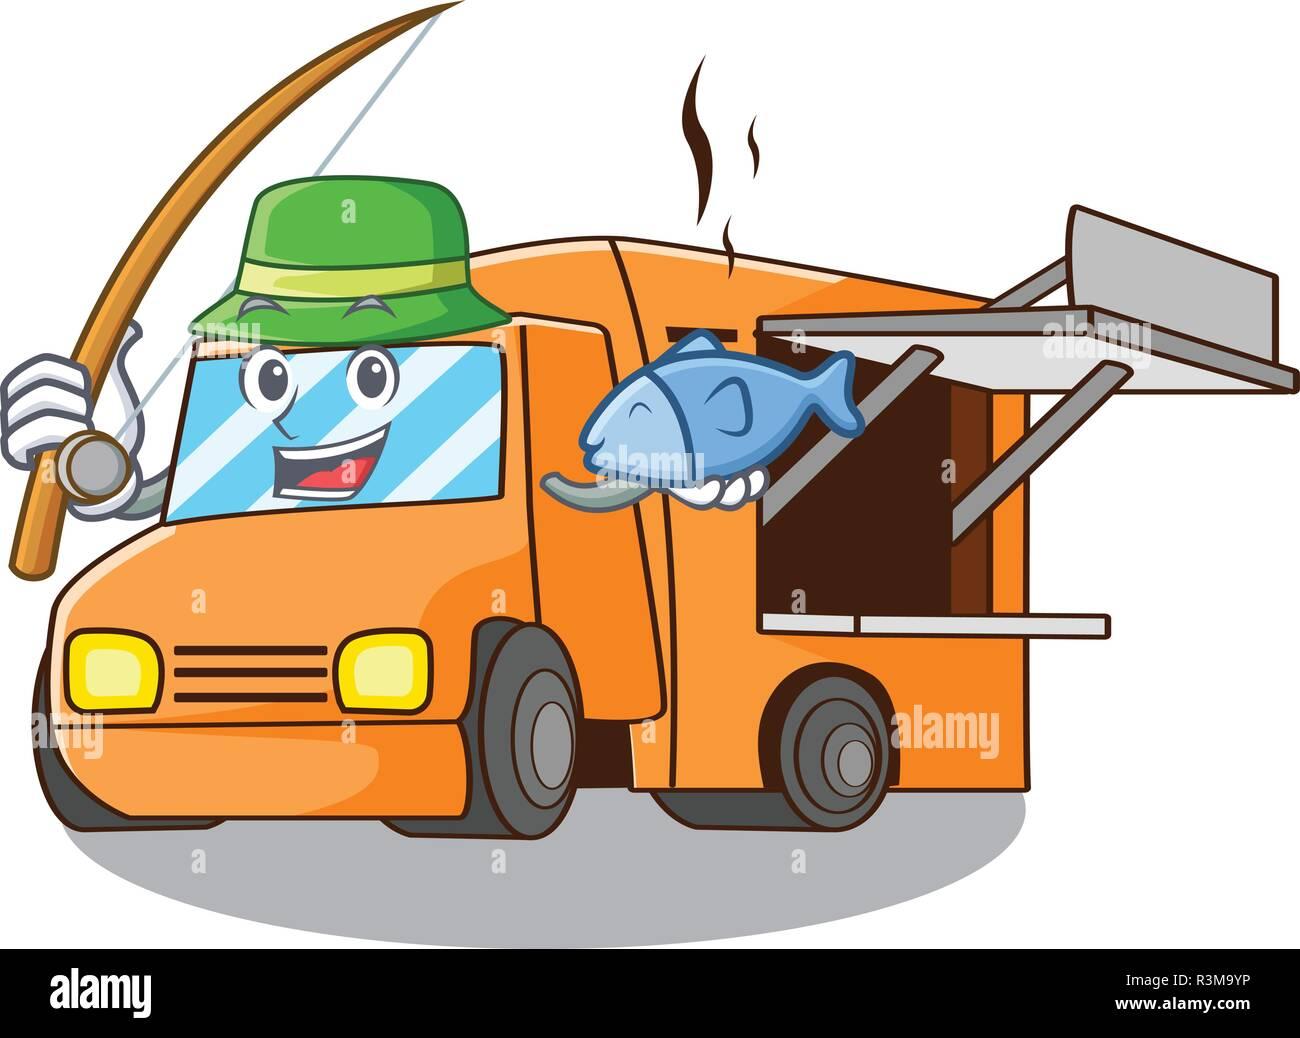 Festival de pêche camion alimentaire sur forme cartoon Photo Stock